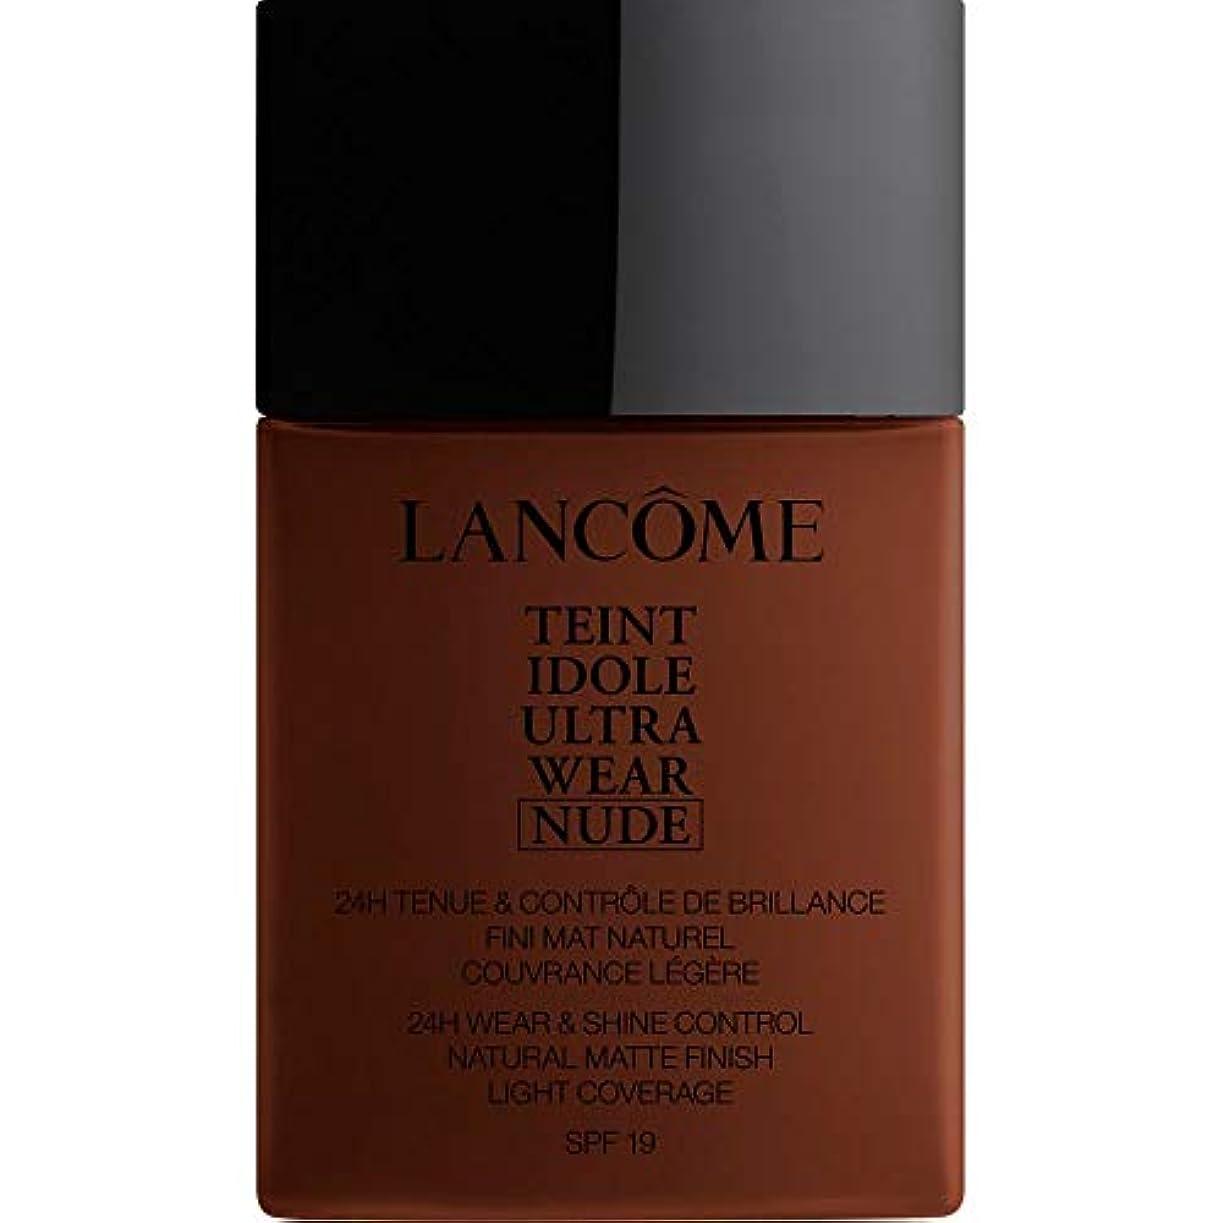 メドレーケージヒューム[Lanc?me ] ランコムTeintのIdole超摩耗ヌード財団Spf19の40ミリリットル15 - 真岡 - Lancome Teint Idole Ultra Wear Nude Foundation SPF19...